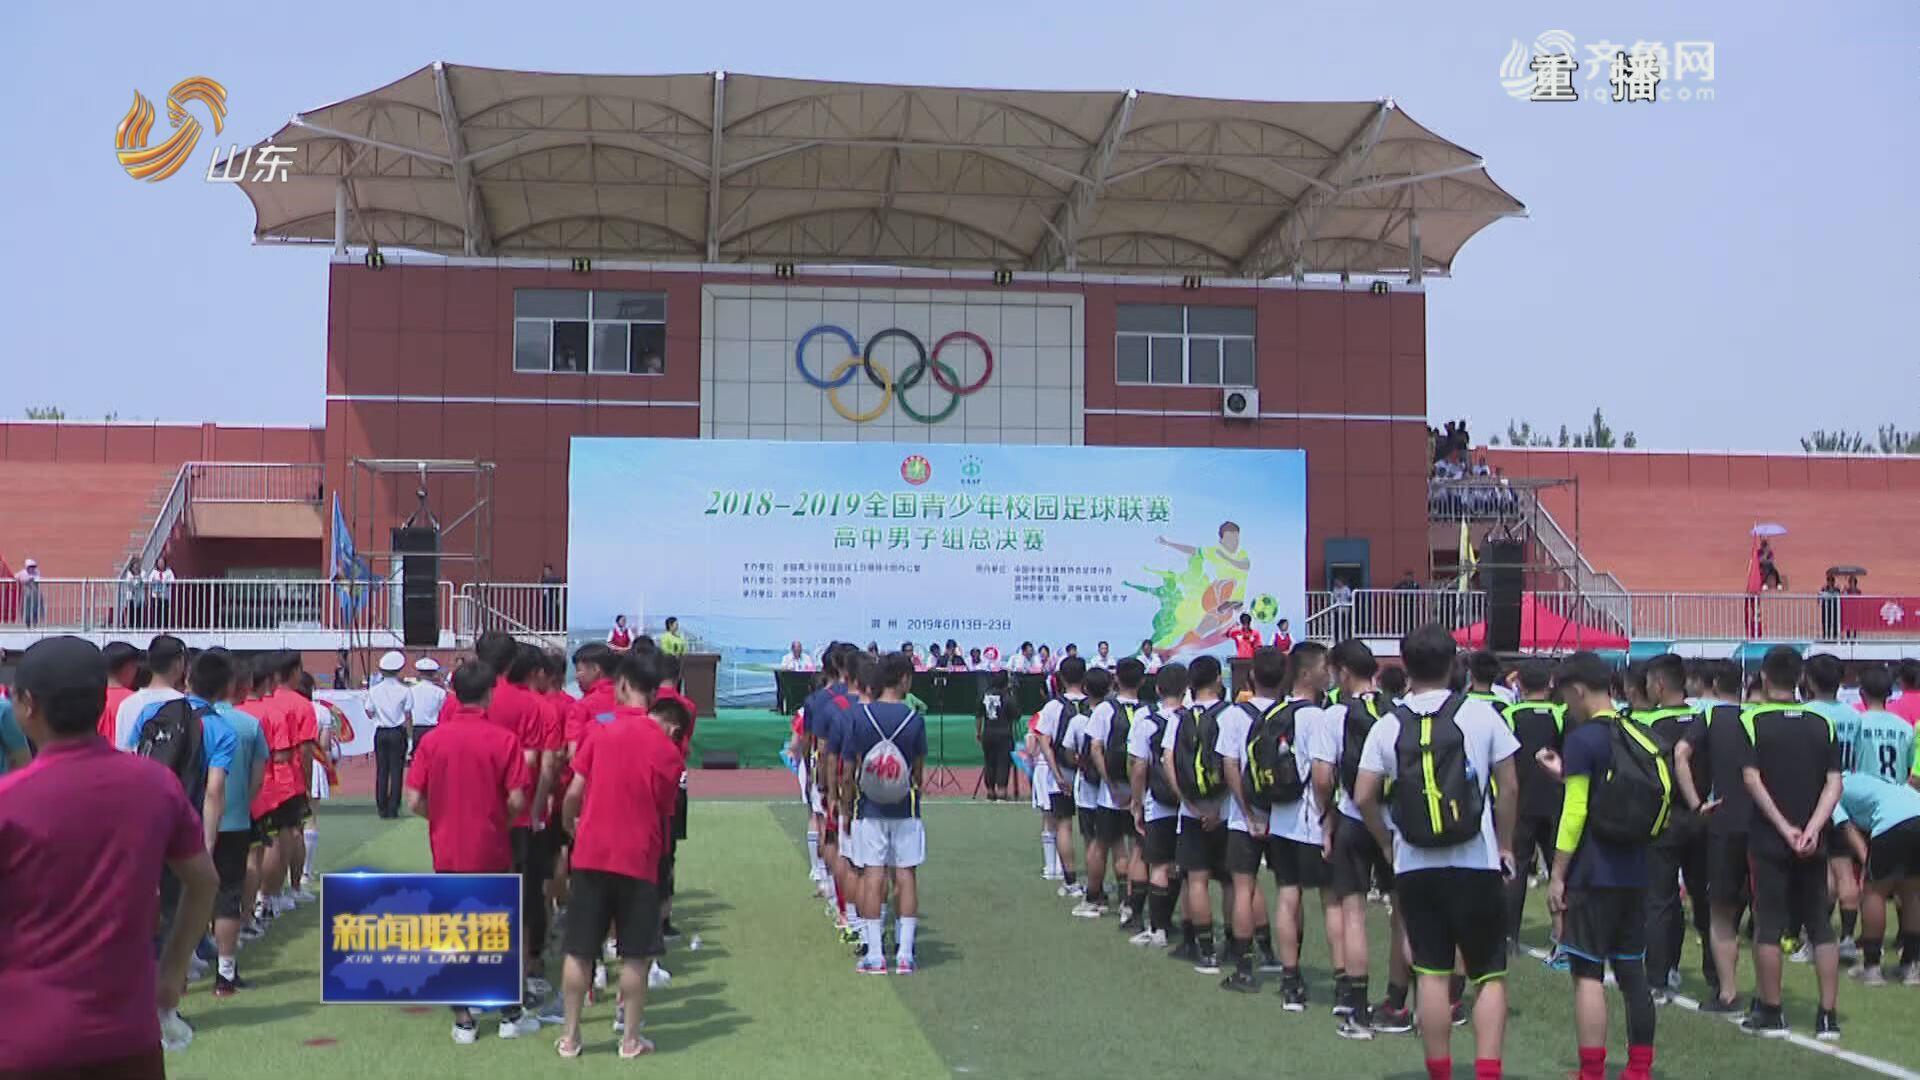 全国青少年校园足球联赛高中男子组总决赛在滨州开赛